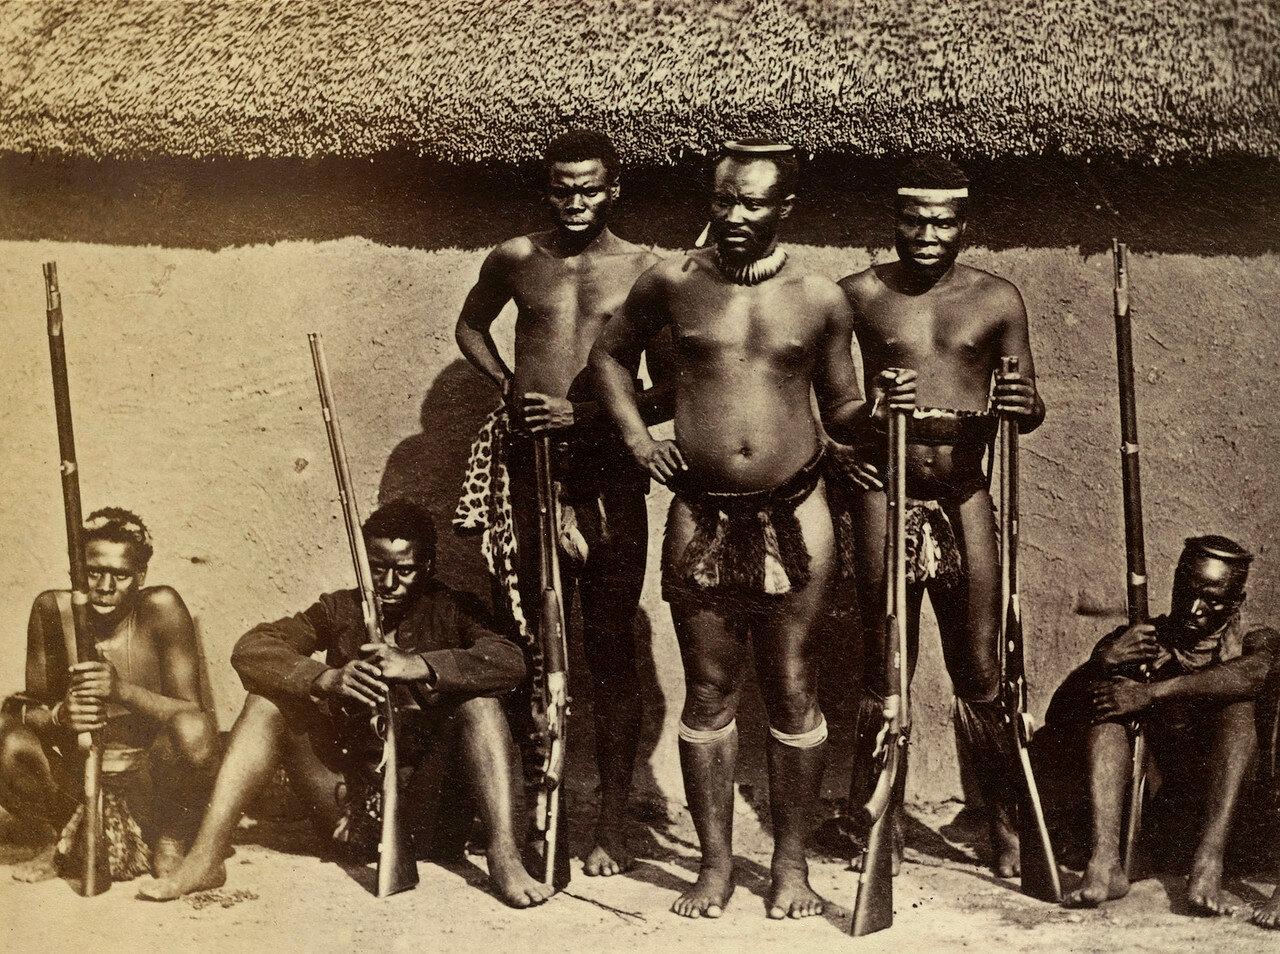 Дабуламанзи, единокровный брат правителя (инкоси) Кечвайо. В период Англо-зулусской войны командовал силами зулусов, в частности, в битве у Роркс-Дрифт. После смерти Кечвайо поддержал Динузулу как главного претендента на место инкоси зулусов